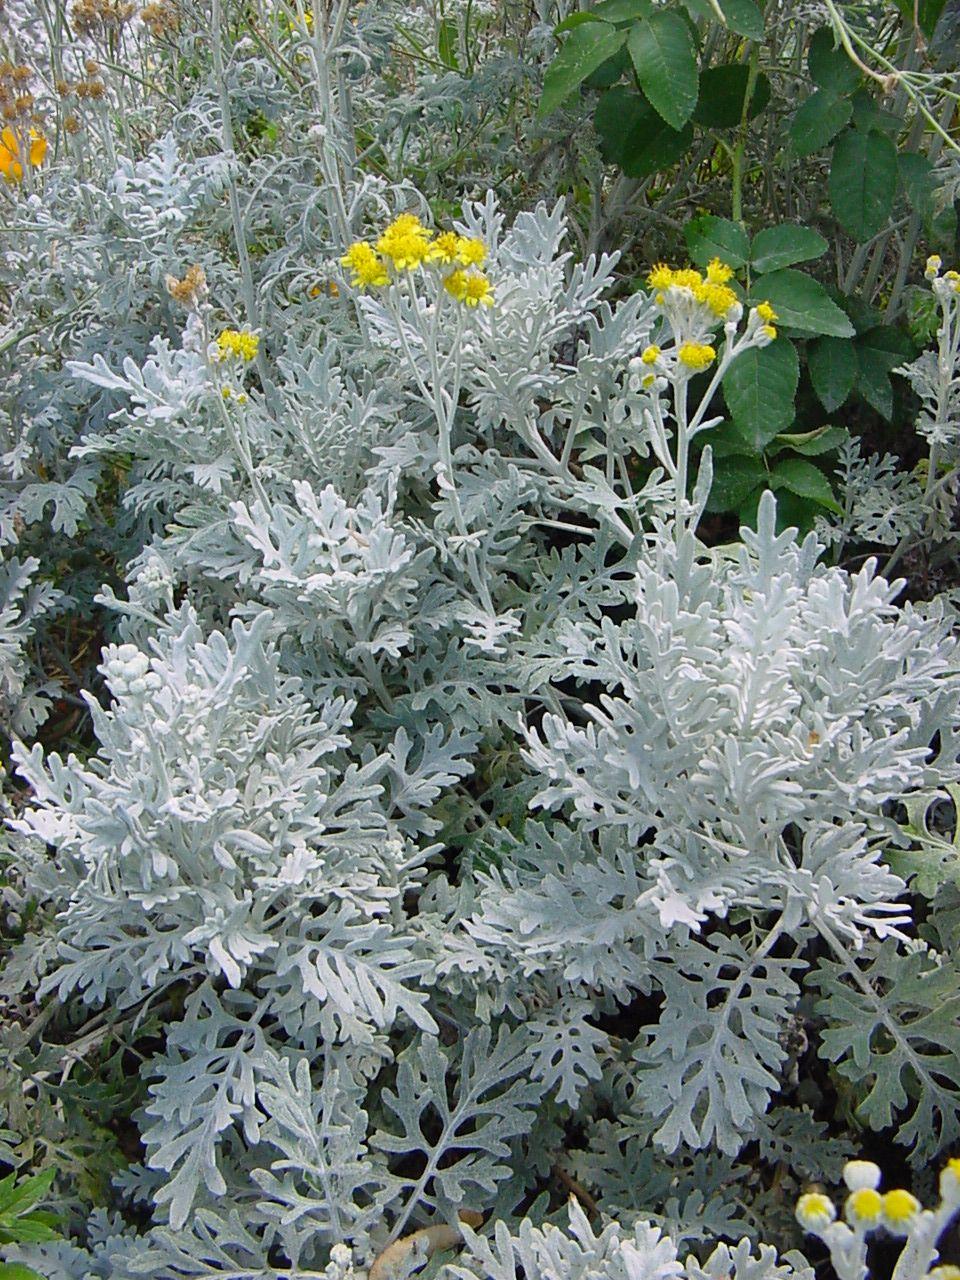 Piante Basse Da Aiuola cineraria marittima | piante | giardino secco, fiori e giardino